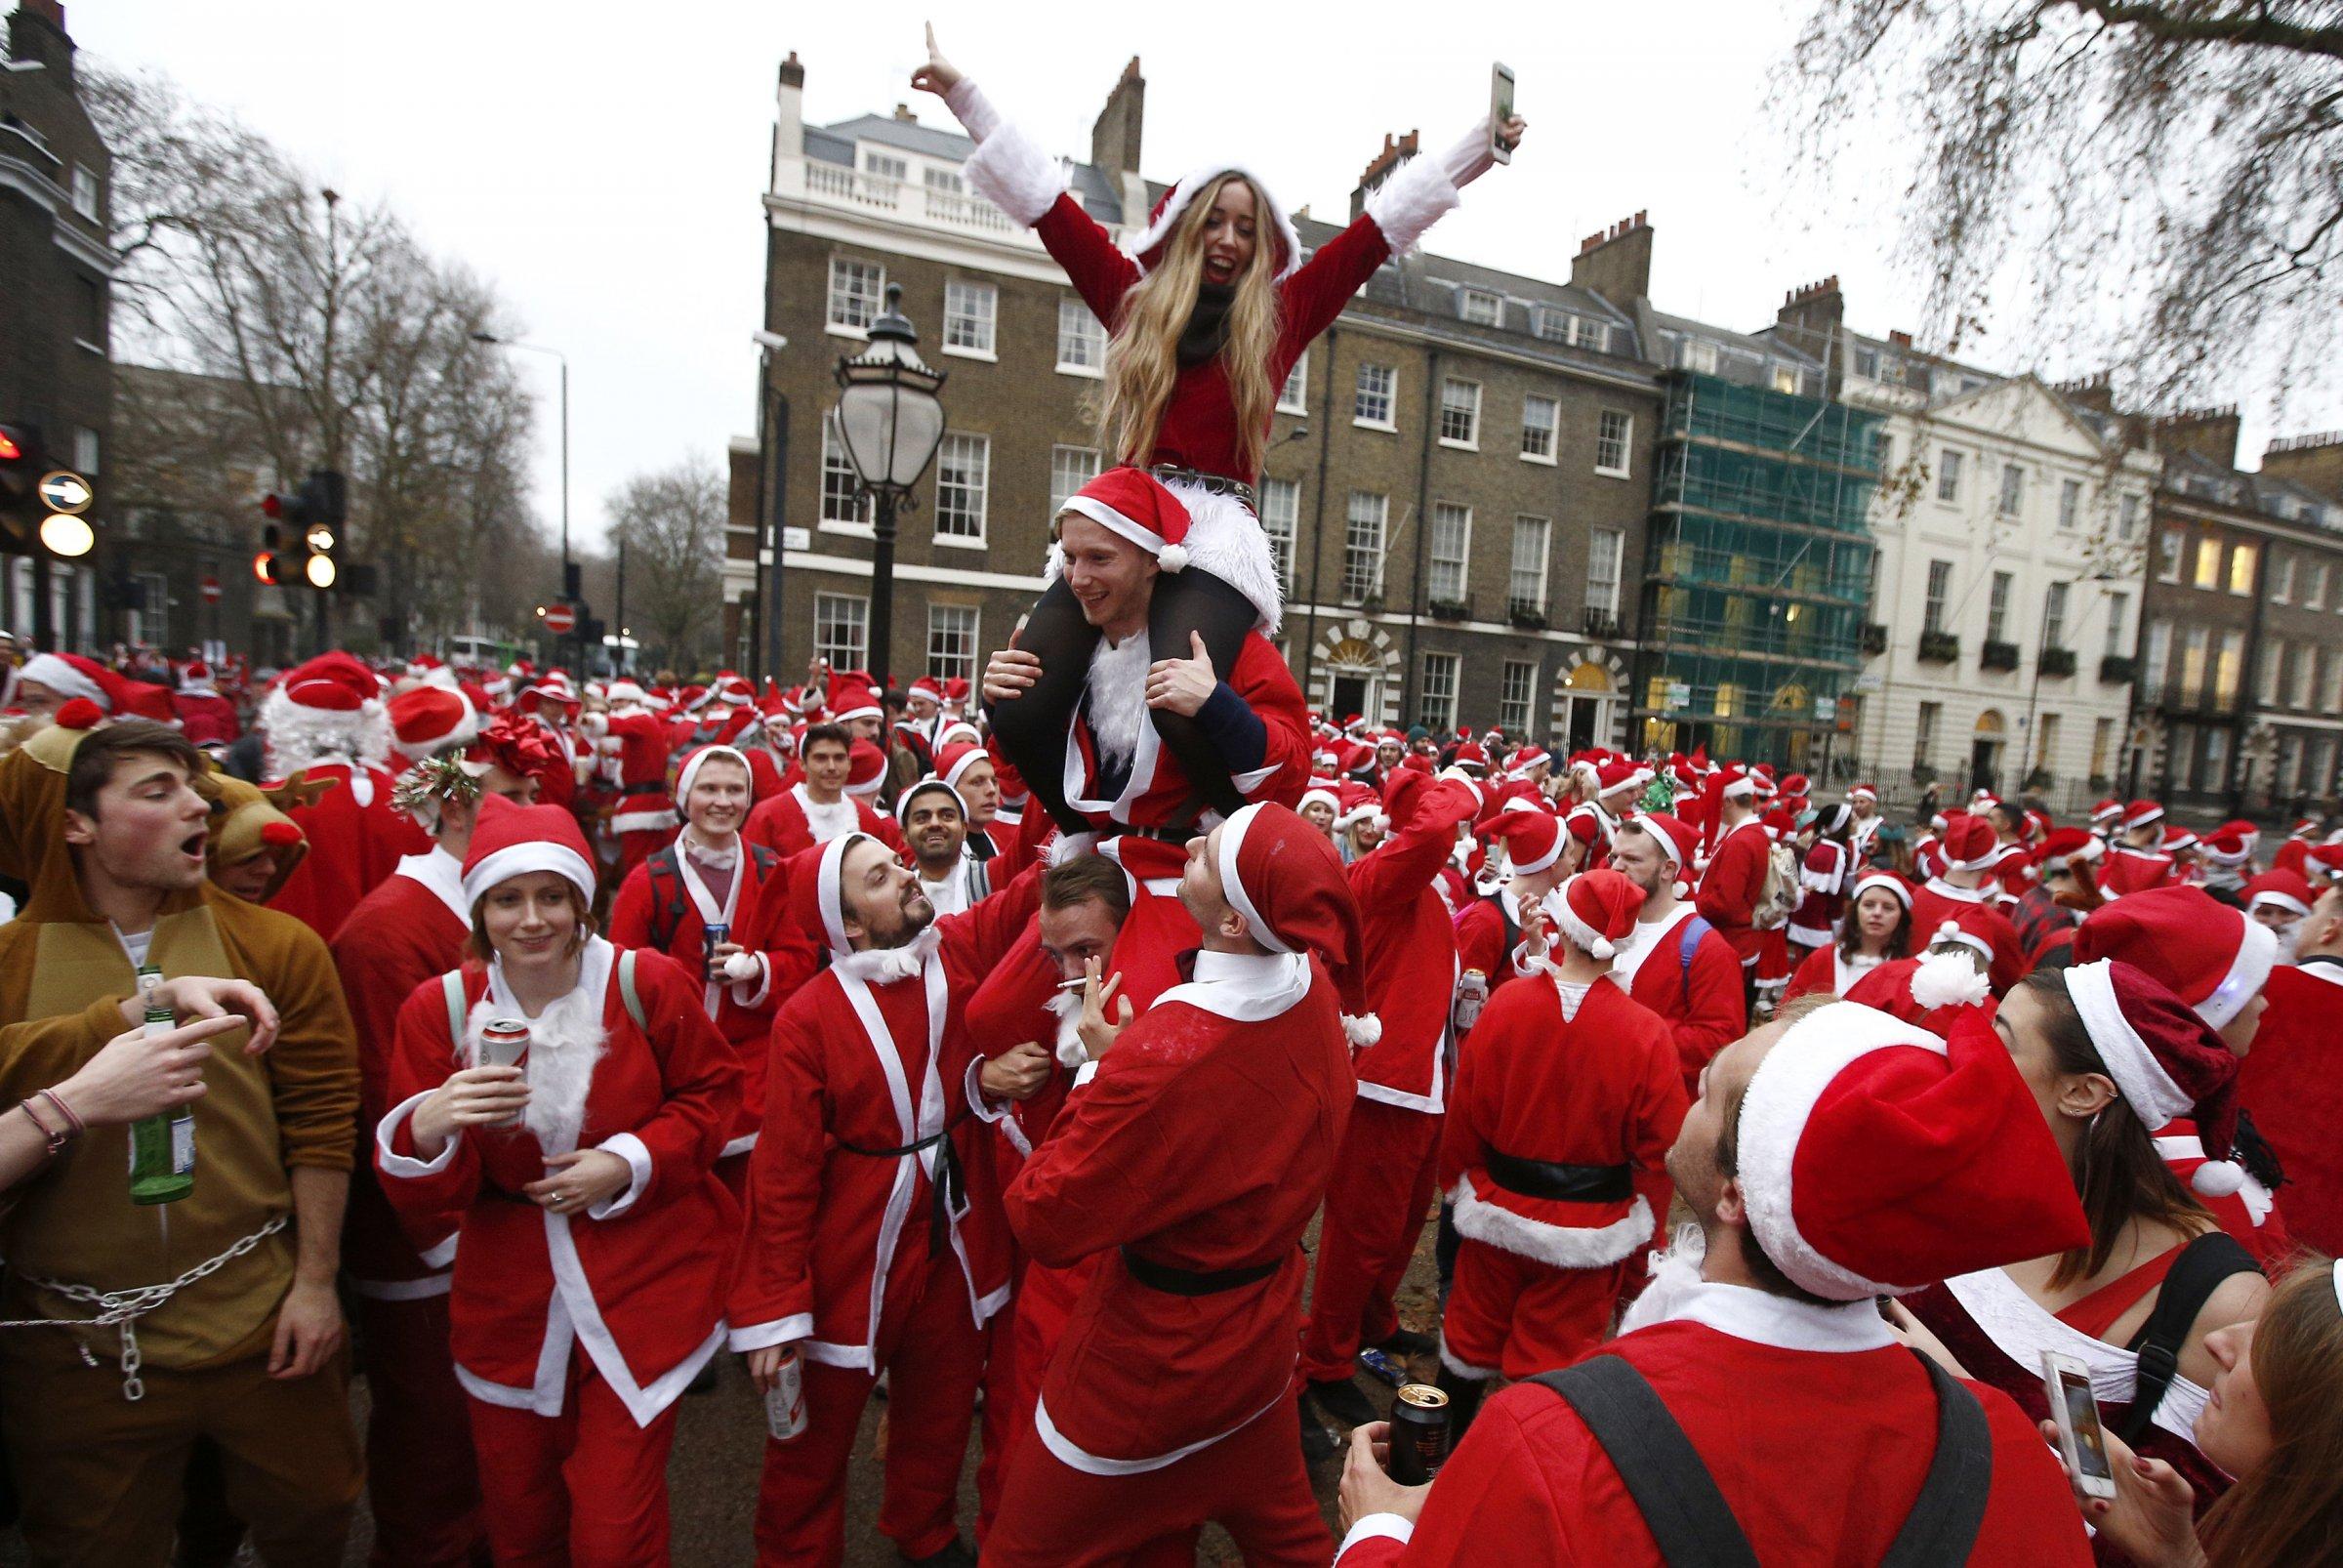 https: img.okezone.com content 2016 12 27 406 1576330 5-tradisi-unik-rayakan-natal-di-dunia-gax6D1an12.jpg